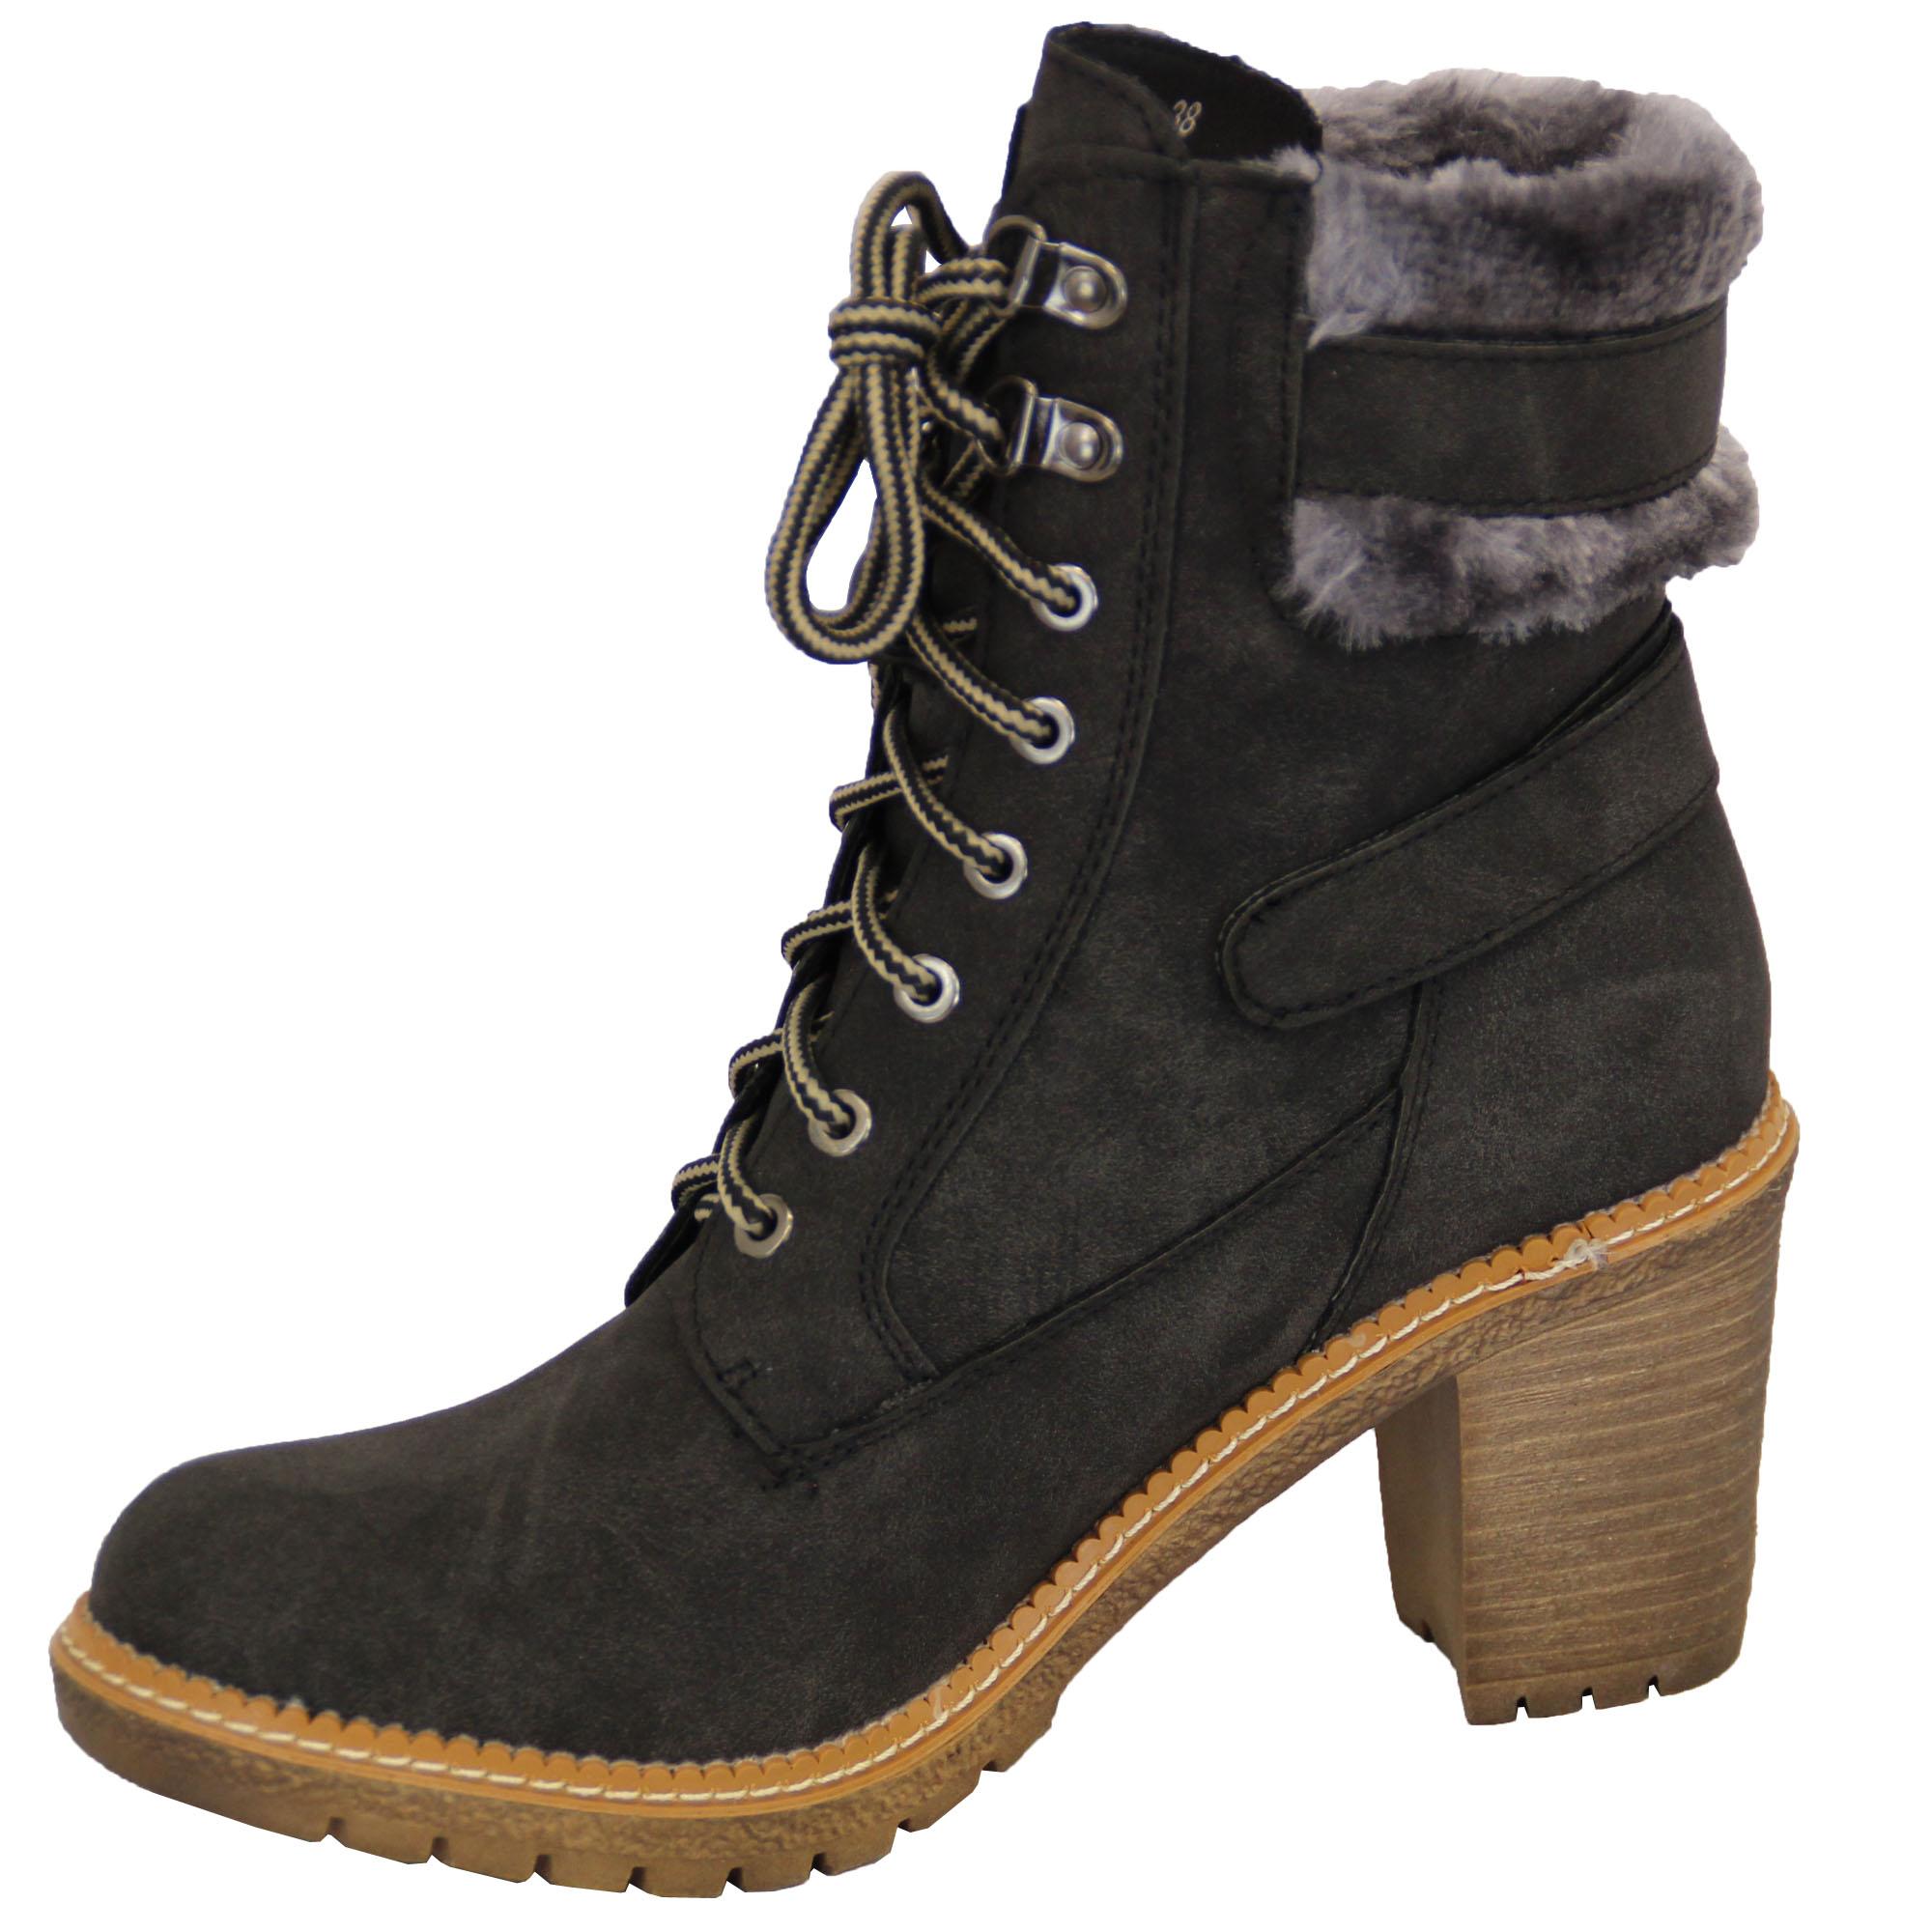 Femmes Cow Motard Bottes Chaussures Cheville boy Chelsea Plateformes Femme TprTqtwxZ